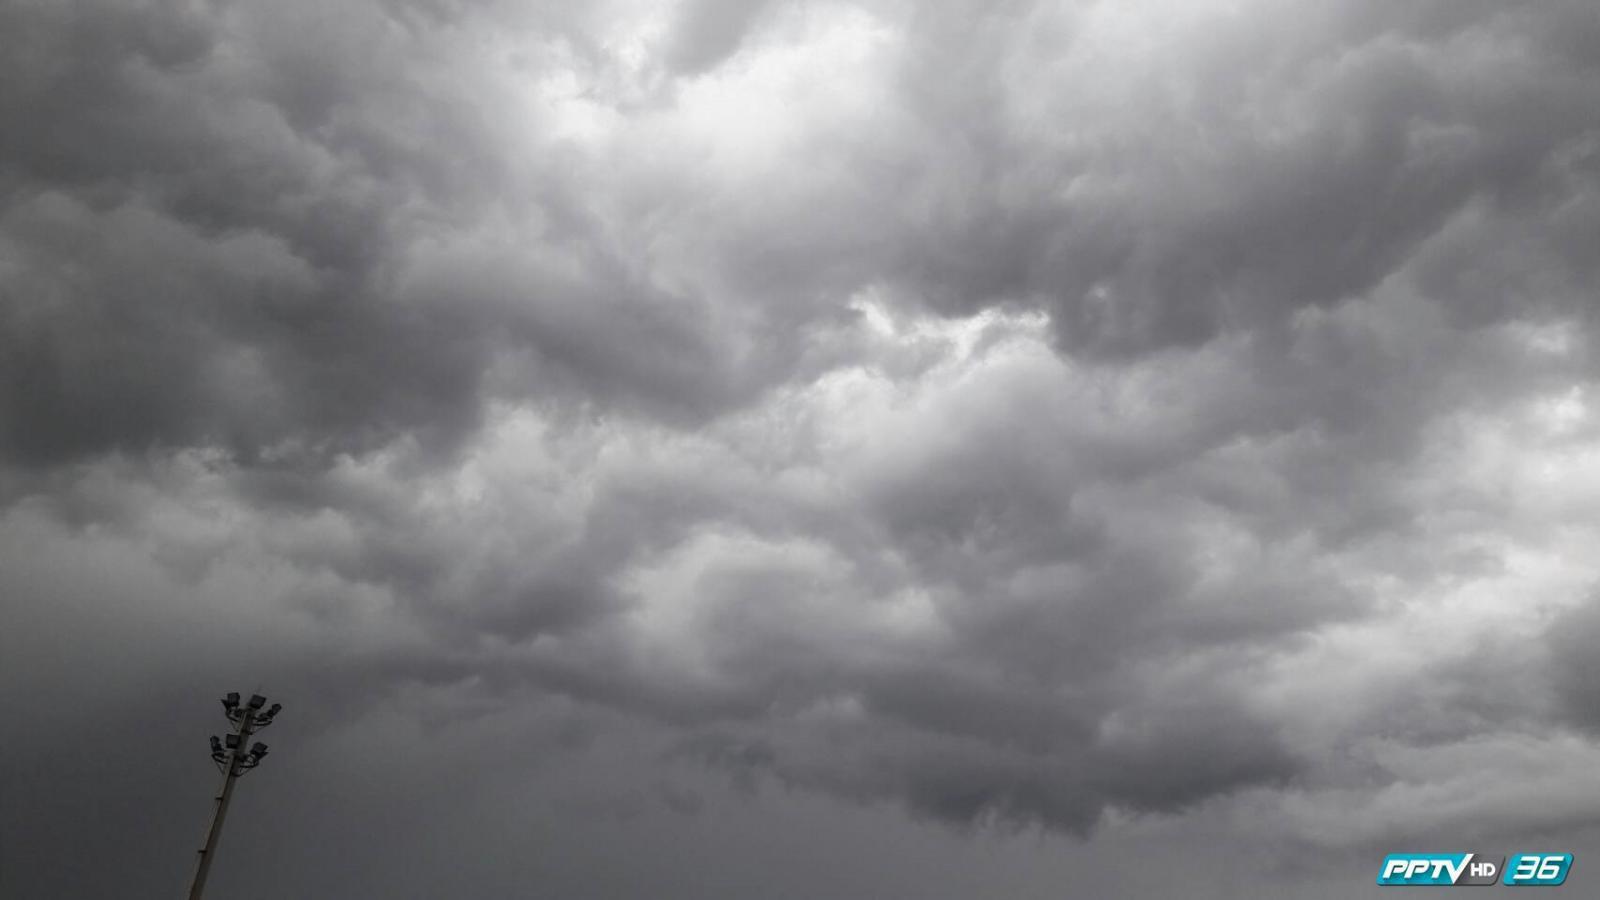 อุตุฯเตือน ไทยมีฝนตกเกือบทั่วทุกภาค - กทม.ฝนตกร้อยละ 80